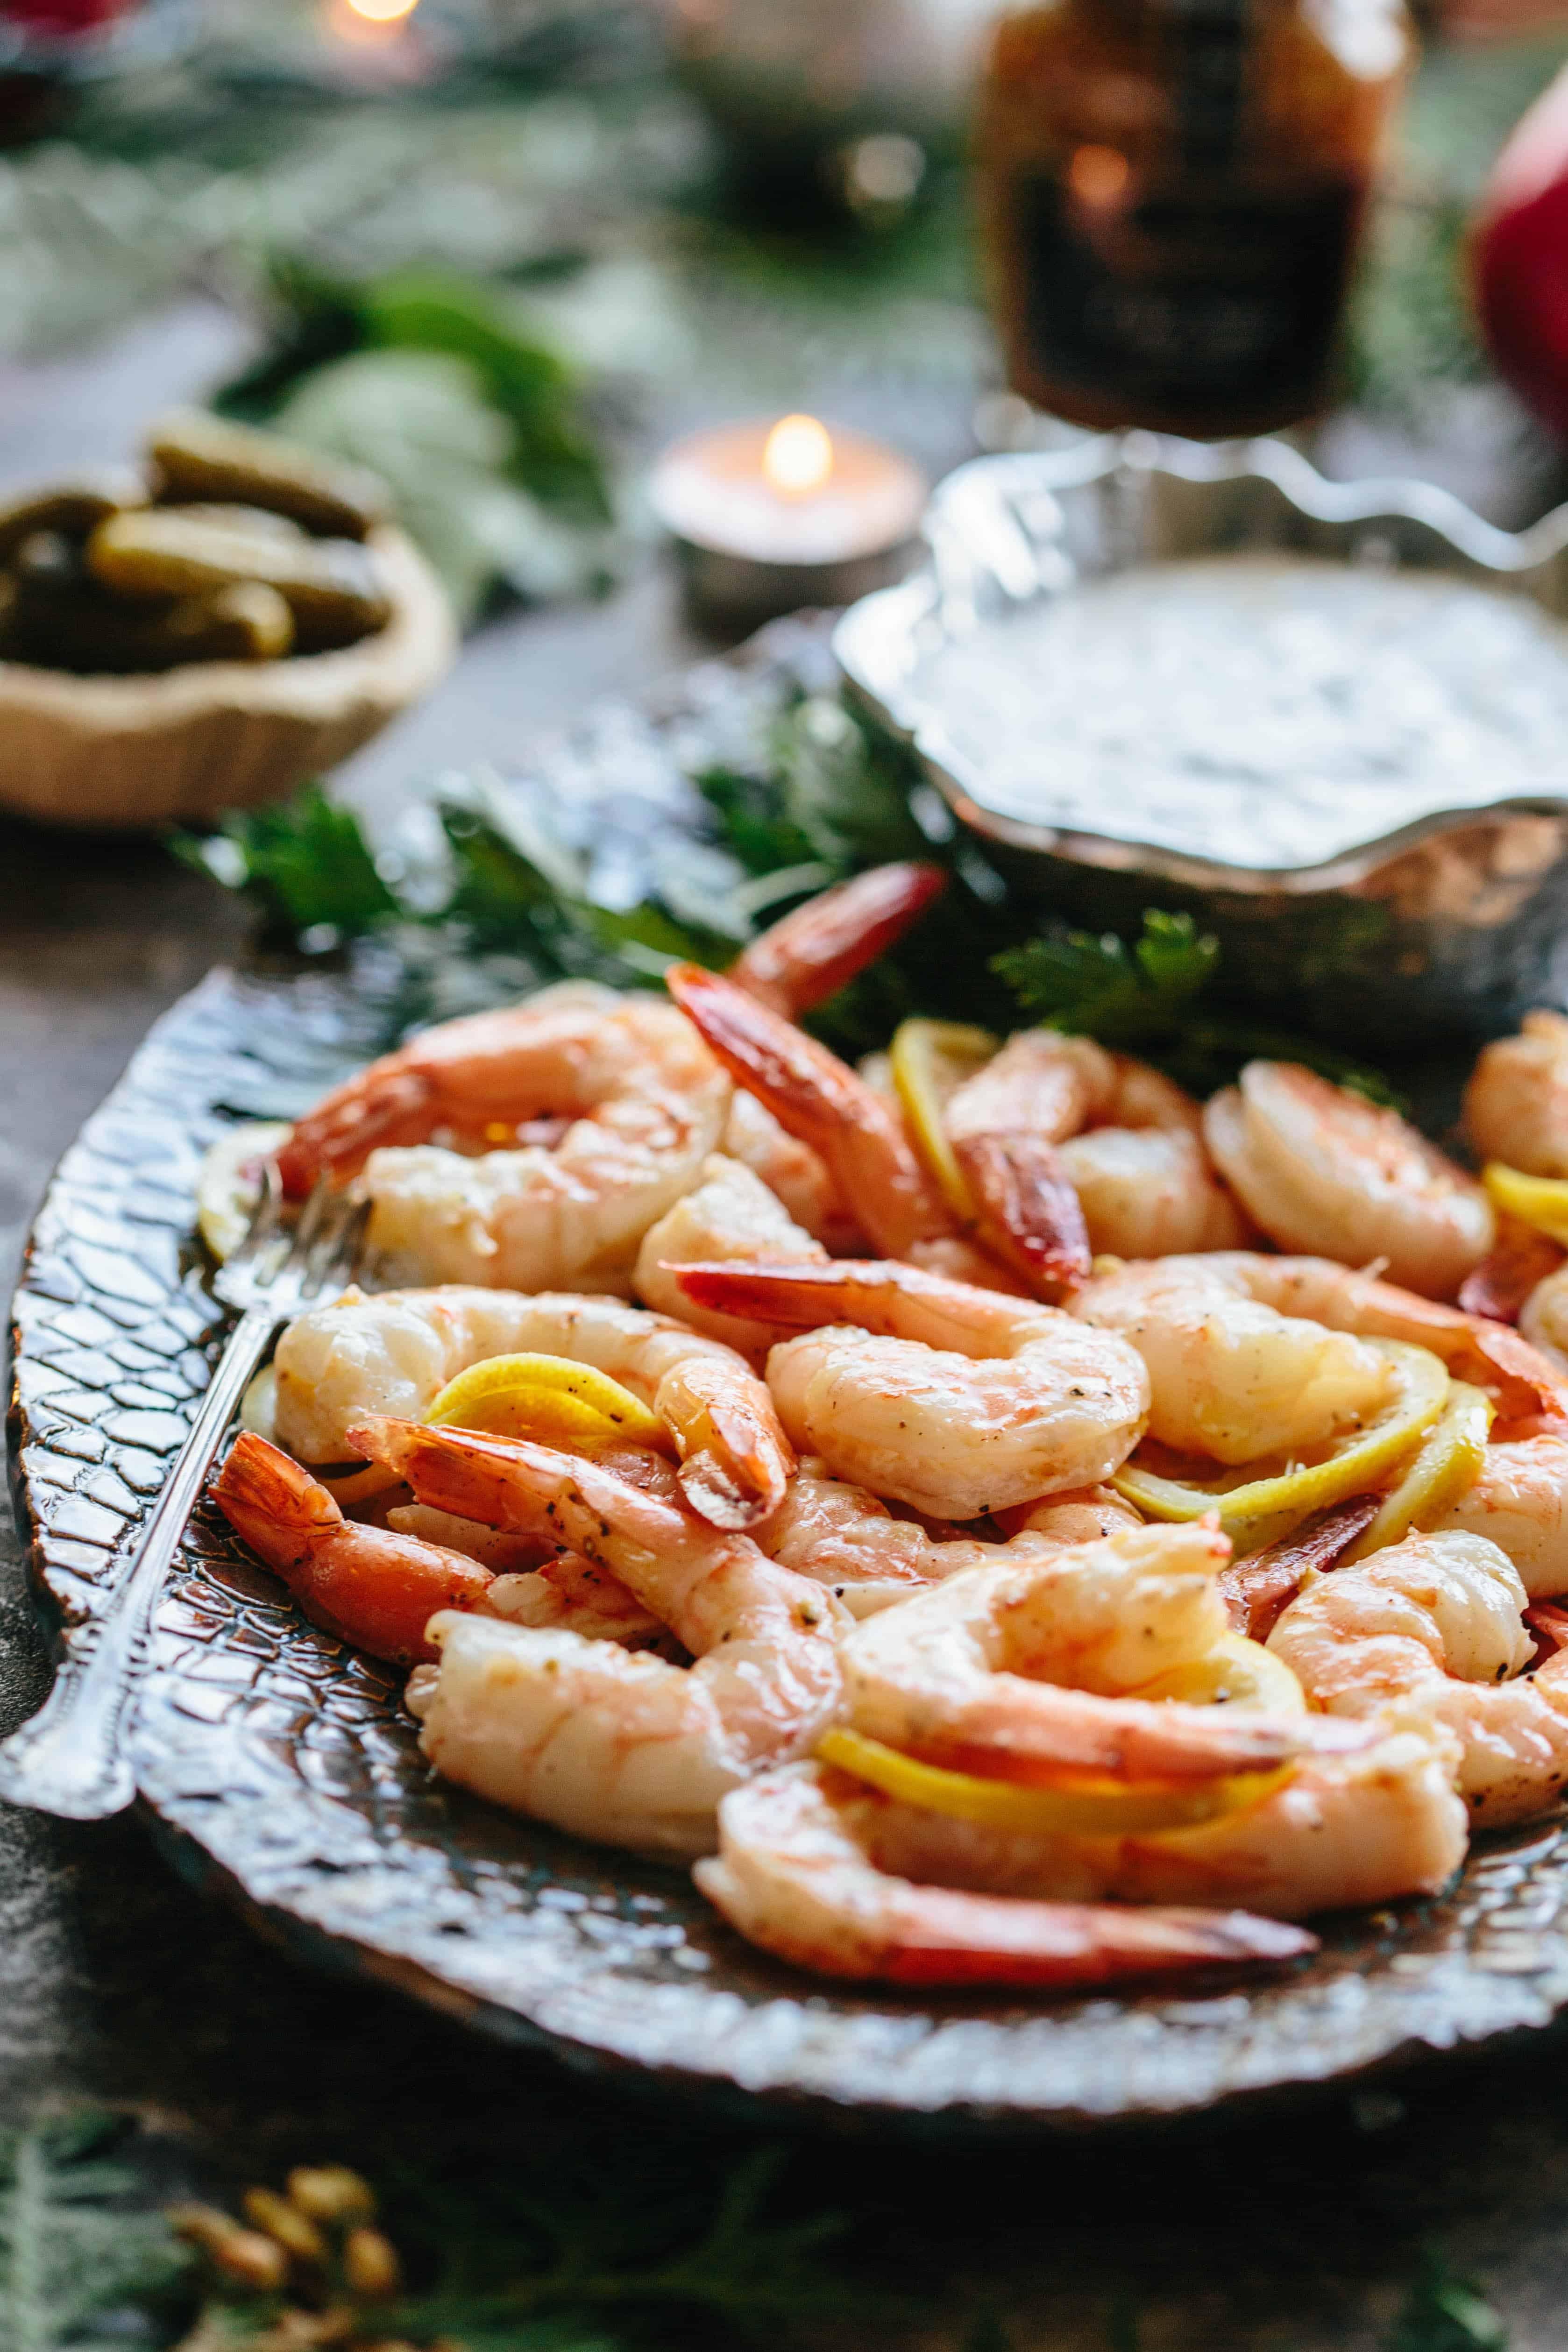 Close up of roasted shrimp and lemon on a serving platter.